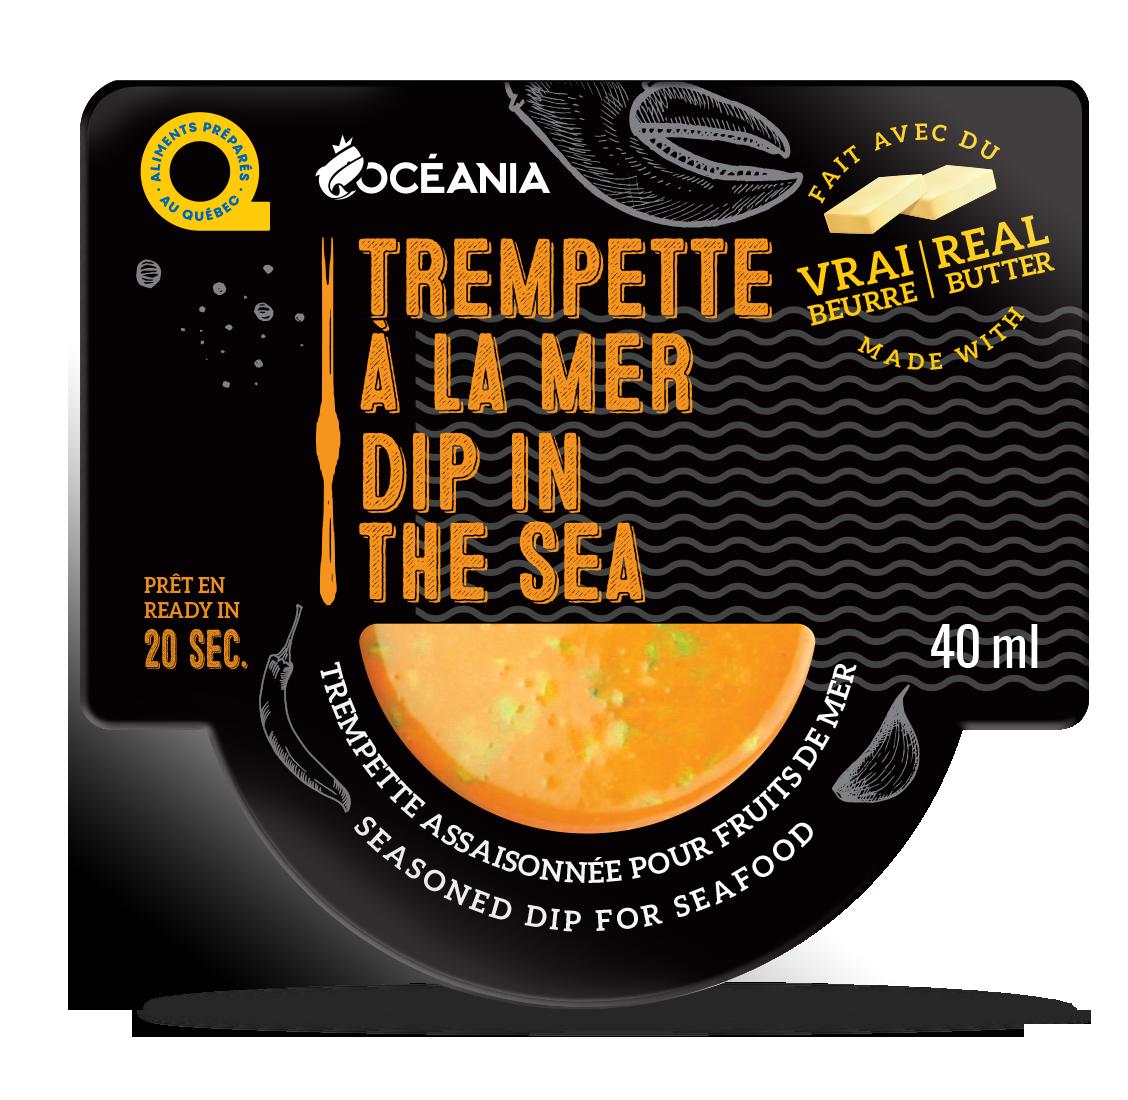 Trempette de mer - dip in the sea